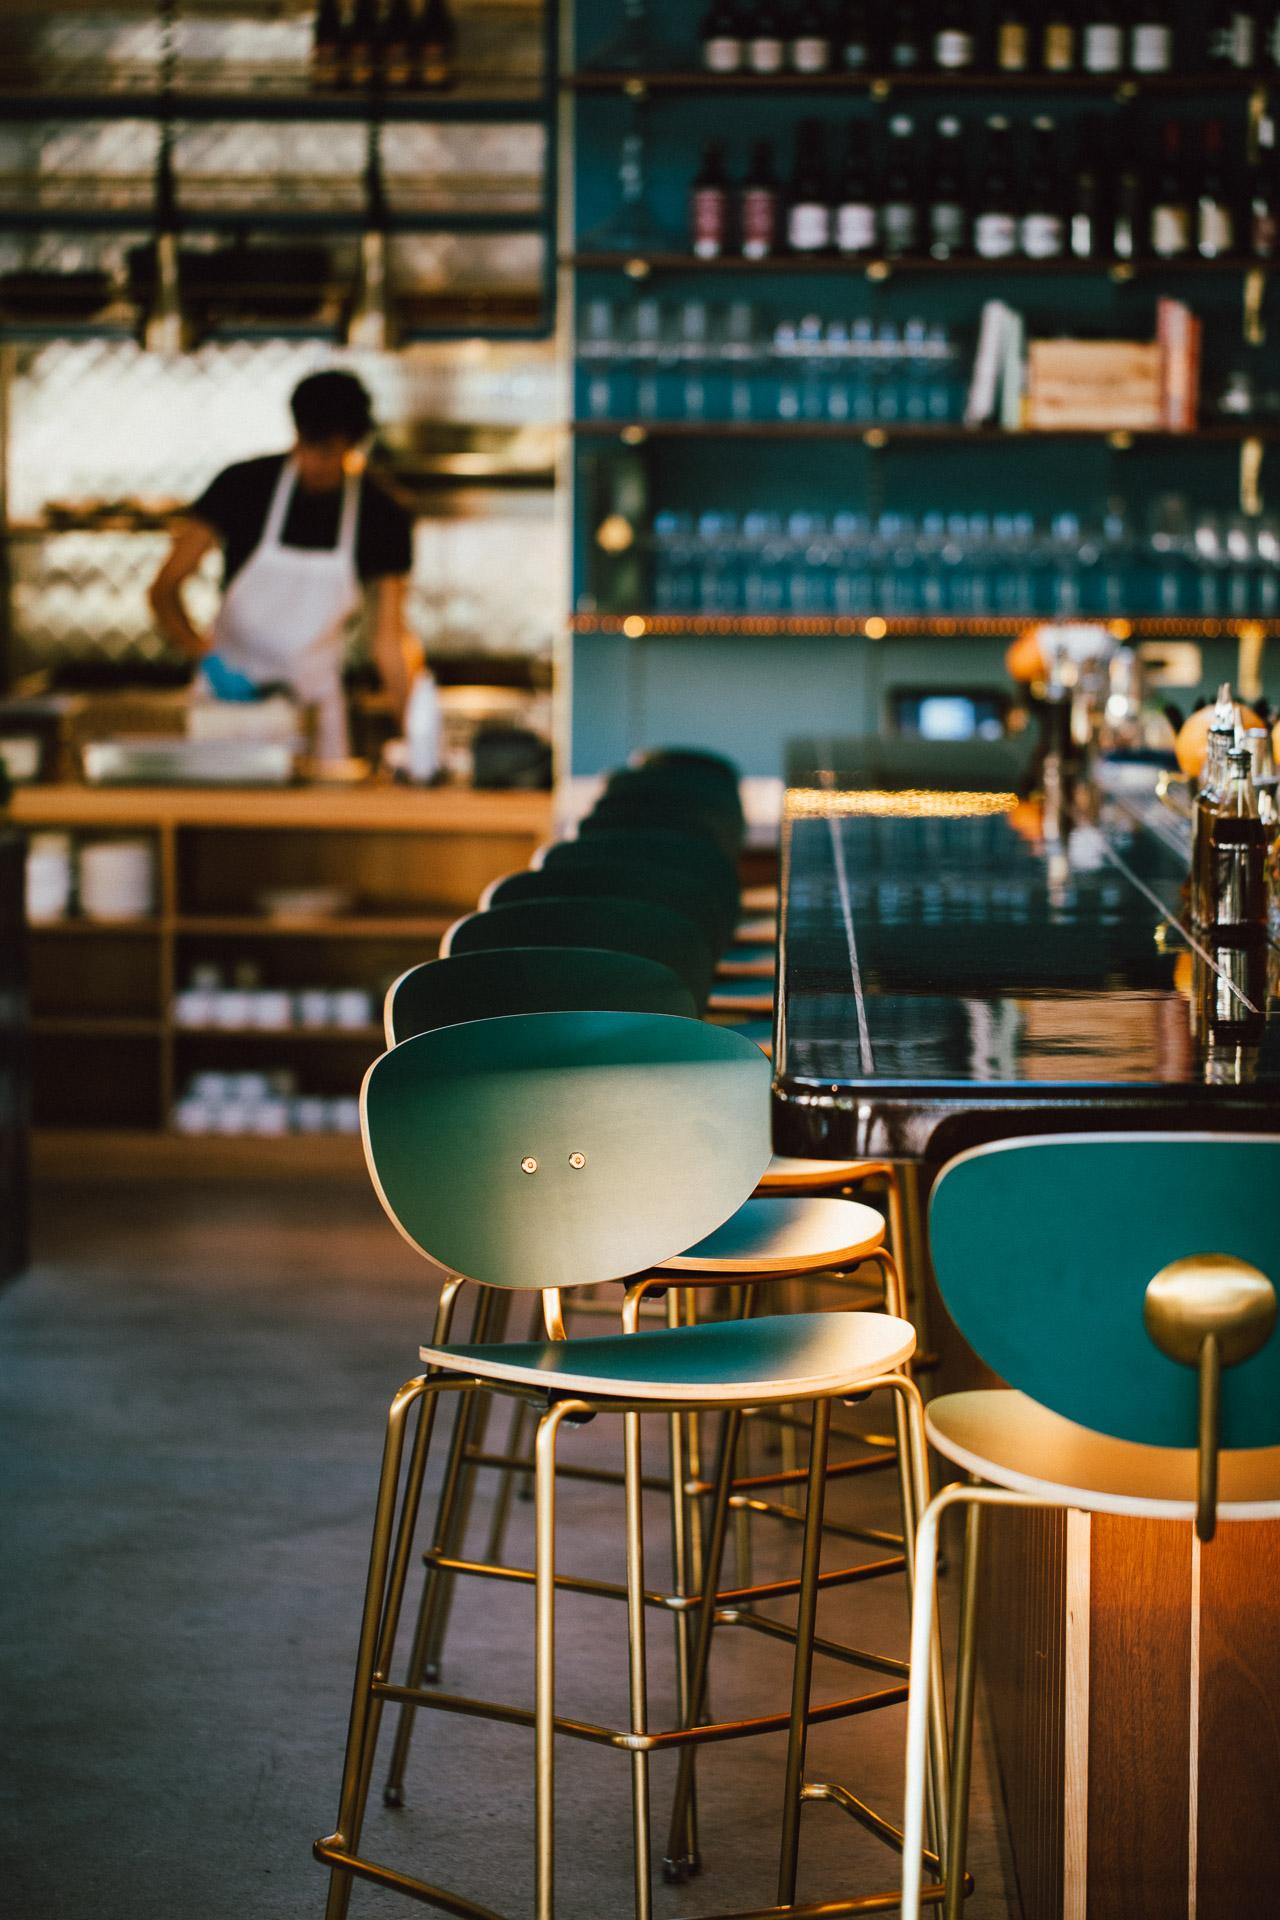 los-angeles-architectural-photographer-bistro-jolie-restaurant-1.jpg